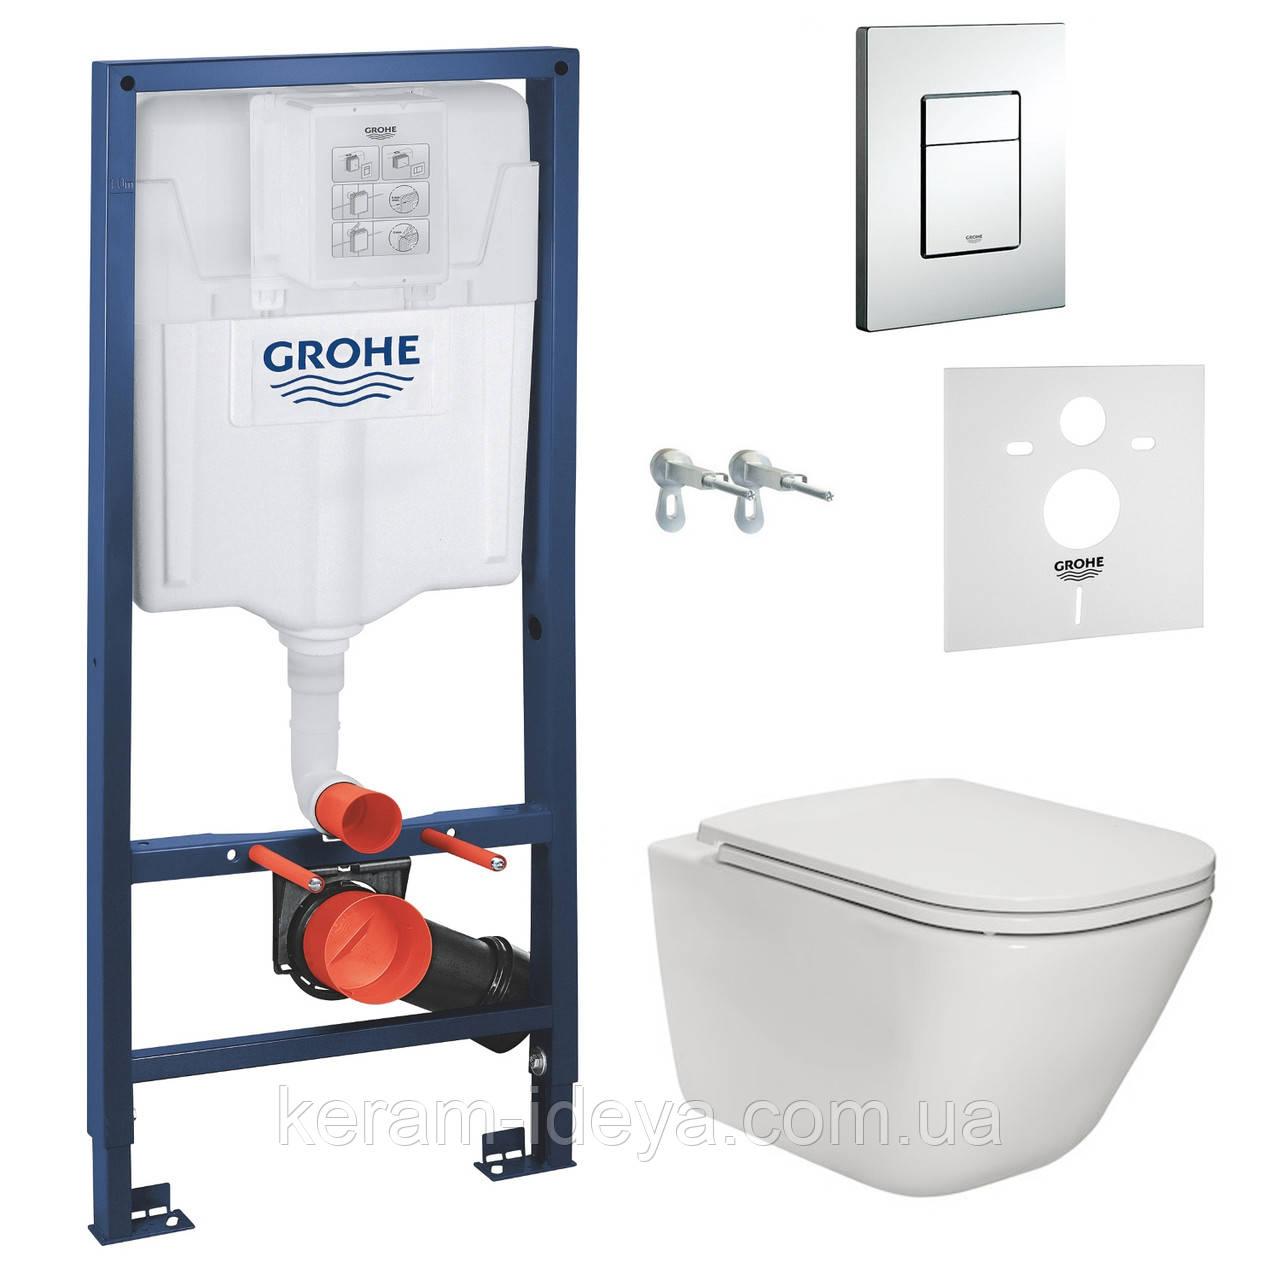 Комплект инсталляция Grohe 38772001 c унитазом Roca Gap Rimless A34H47000